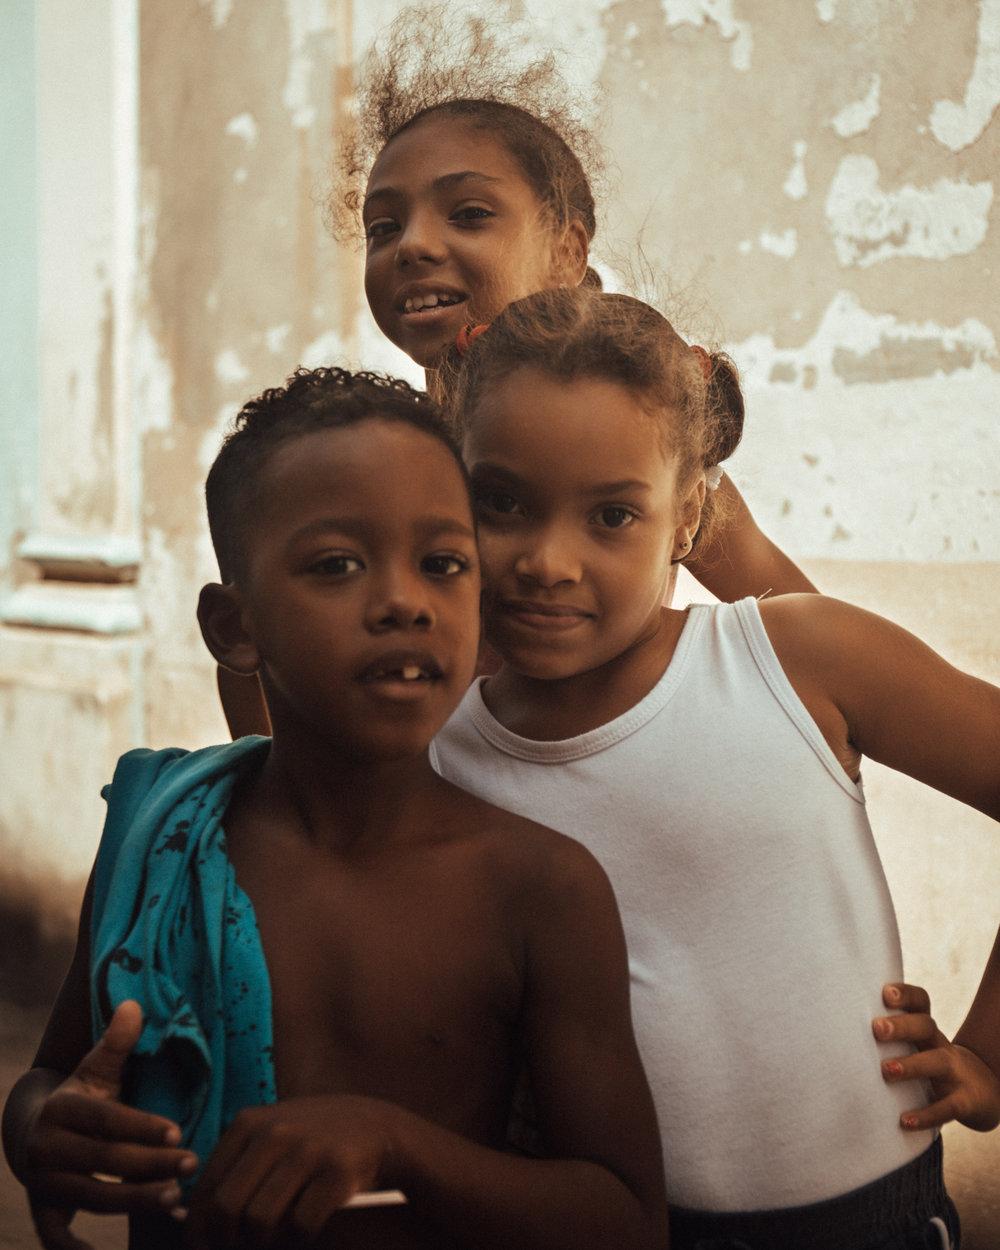 Postcards_From_Cuba_Javi_visits_Hotel_weekend11.jpg